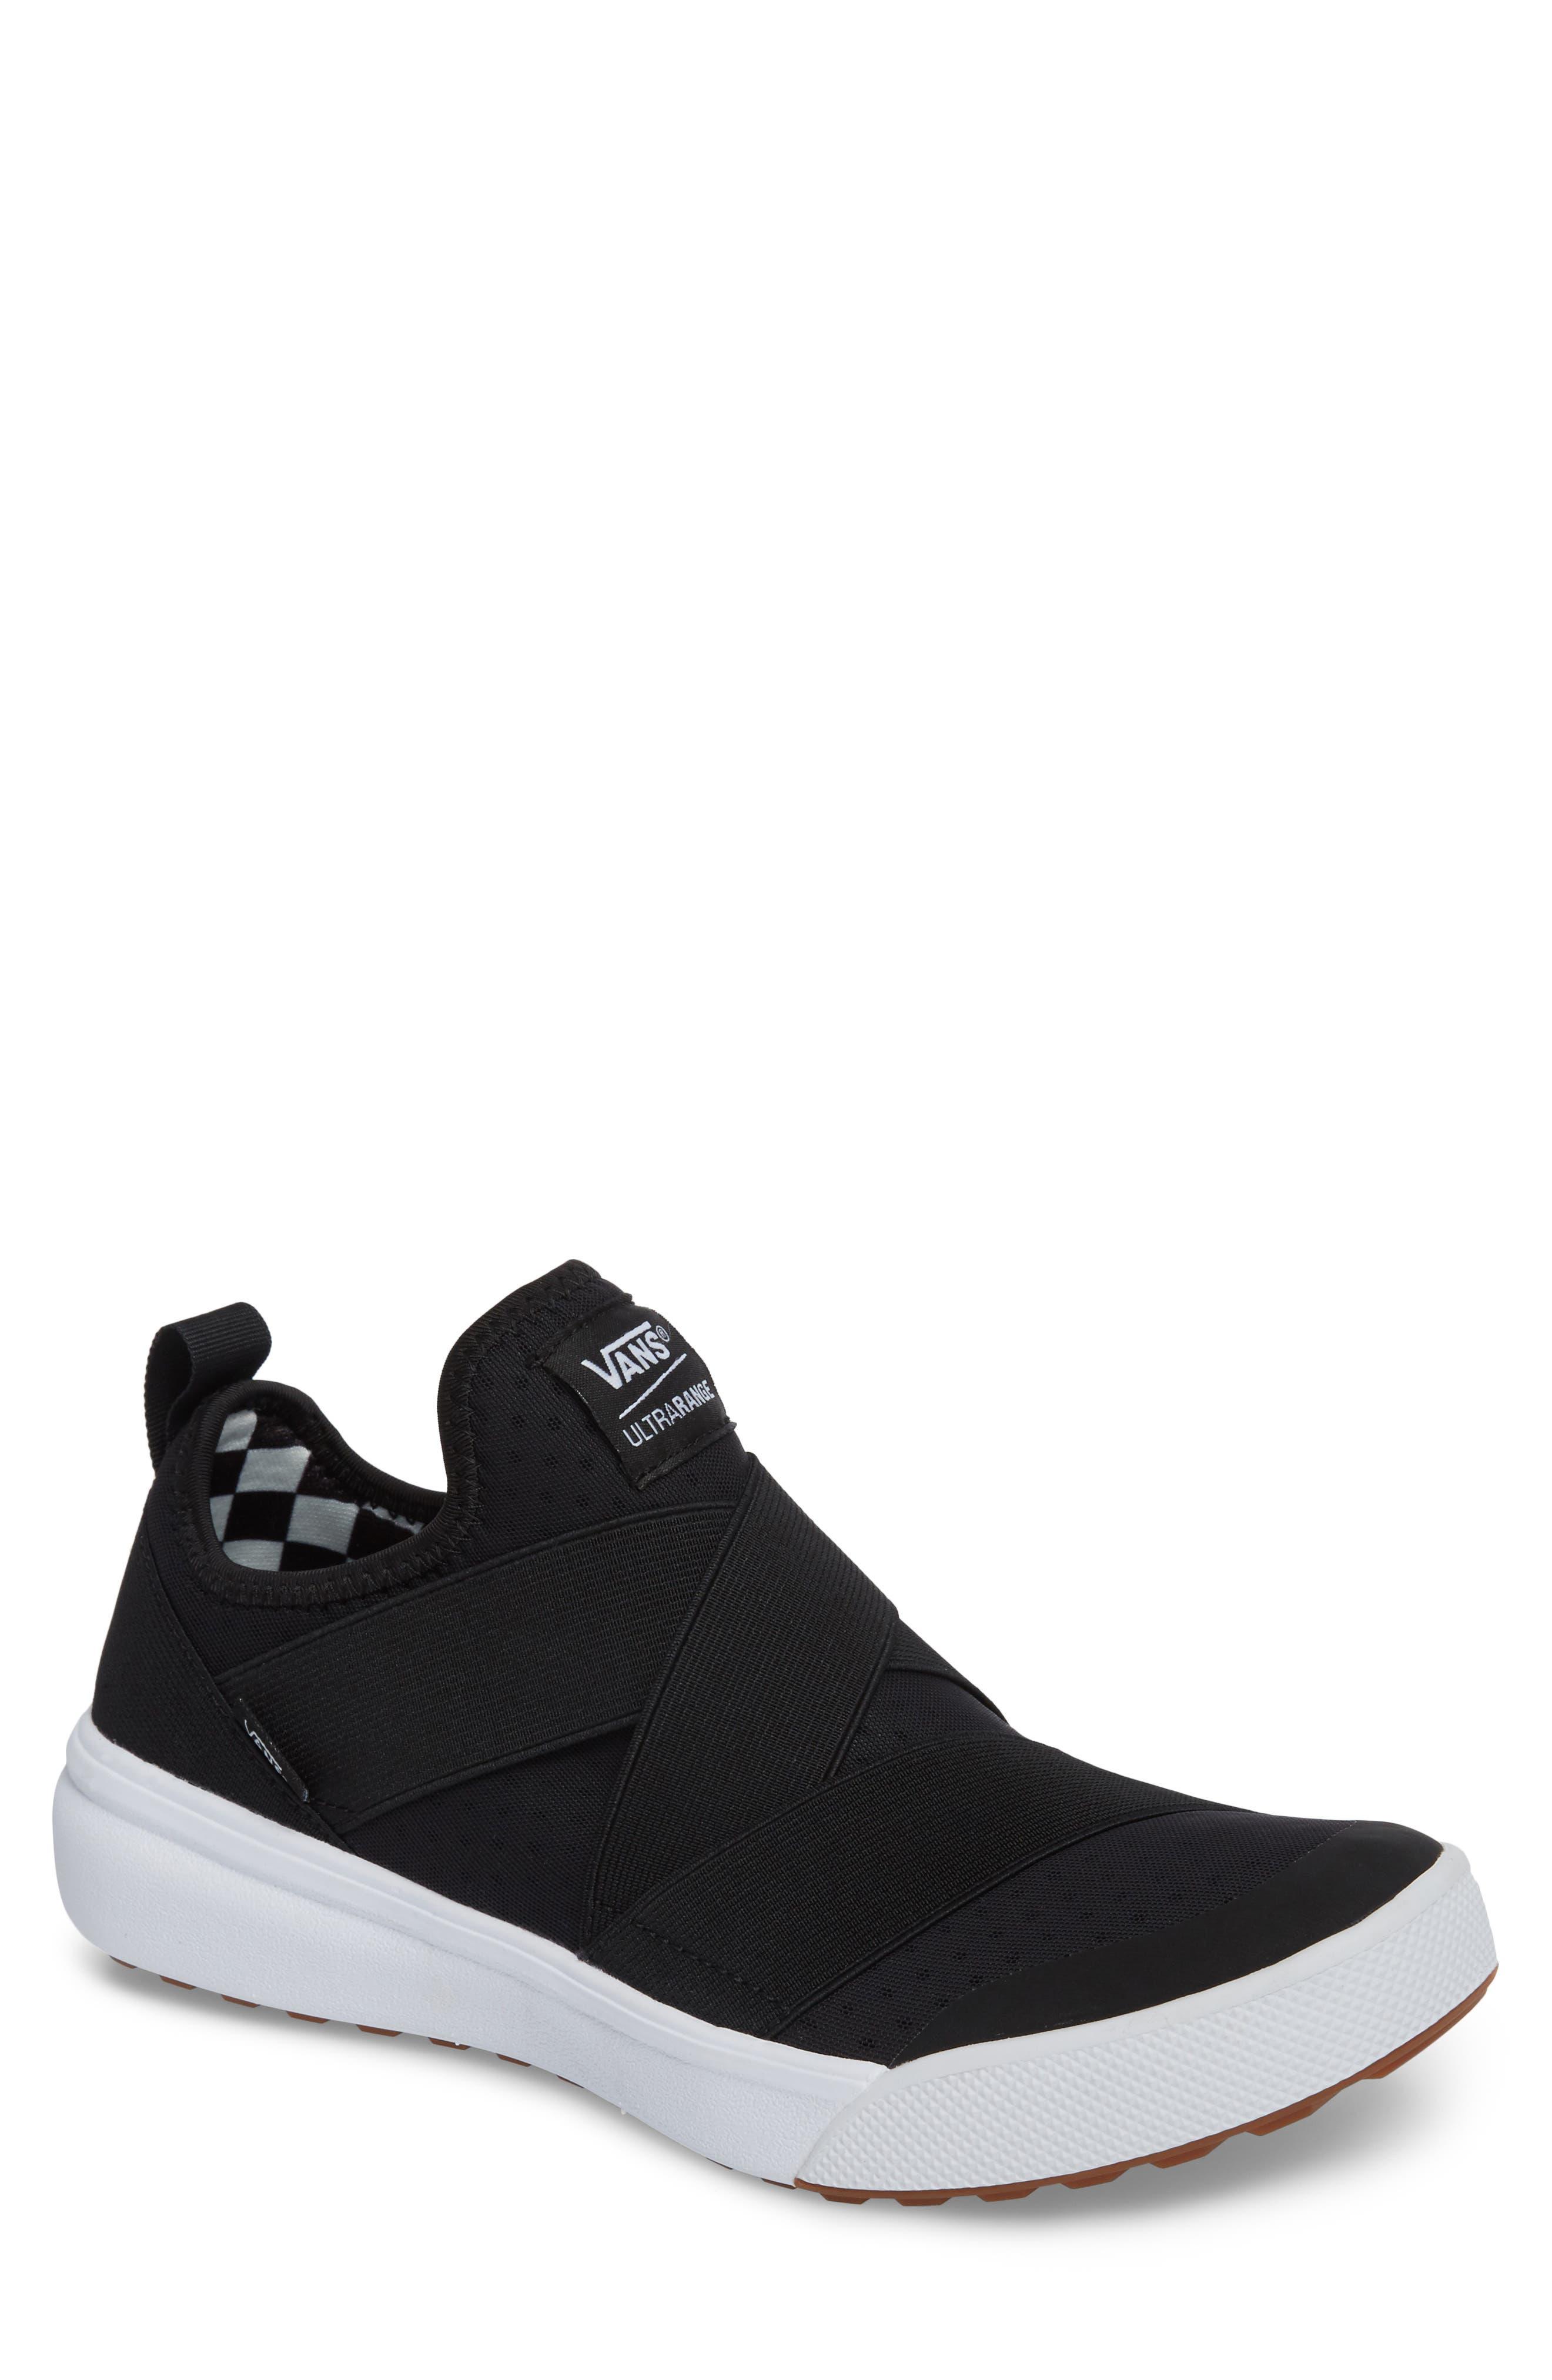 UltraRange Gore Slip-On Sneaker,                             Main thumbnail 1, color,                             001